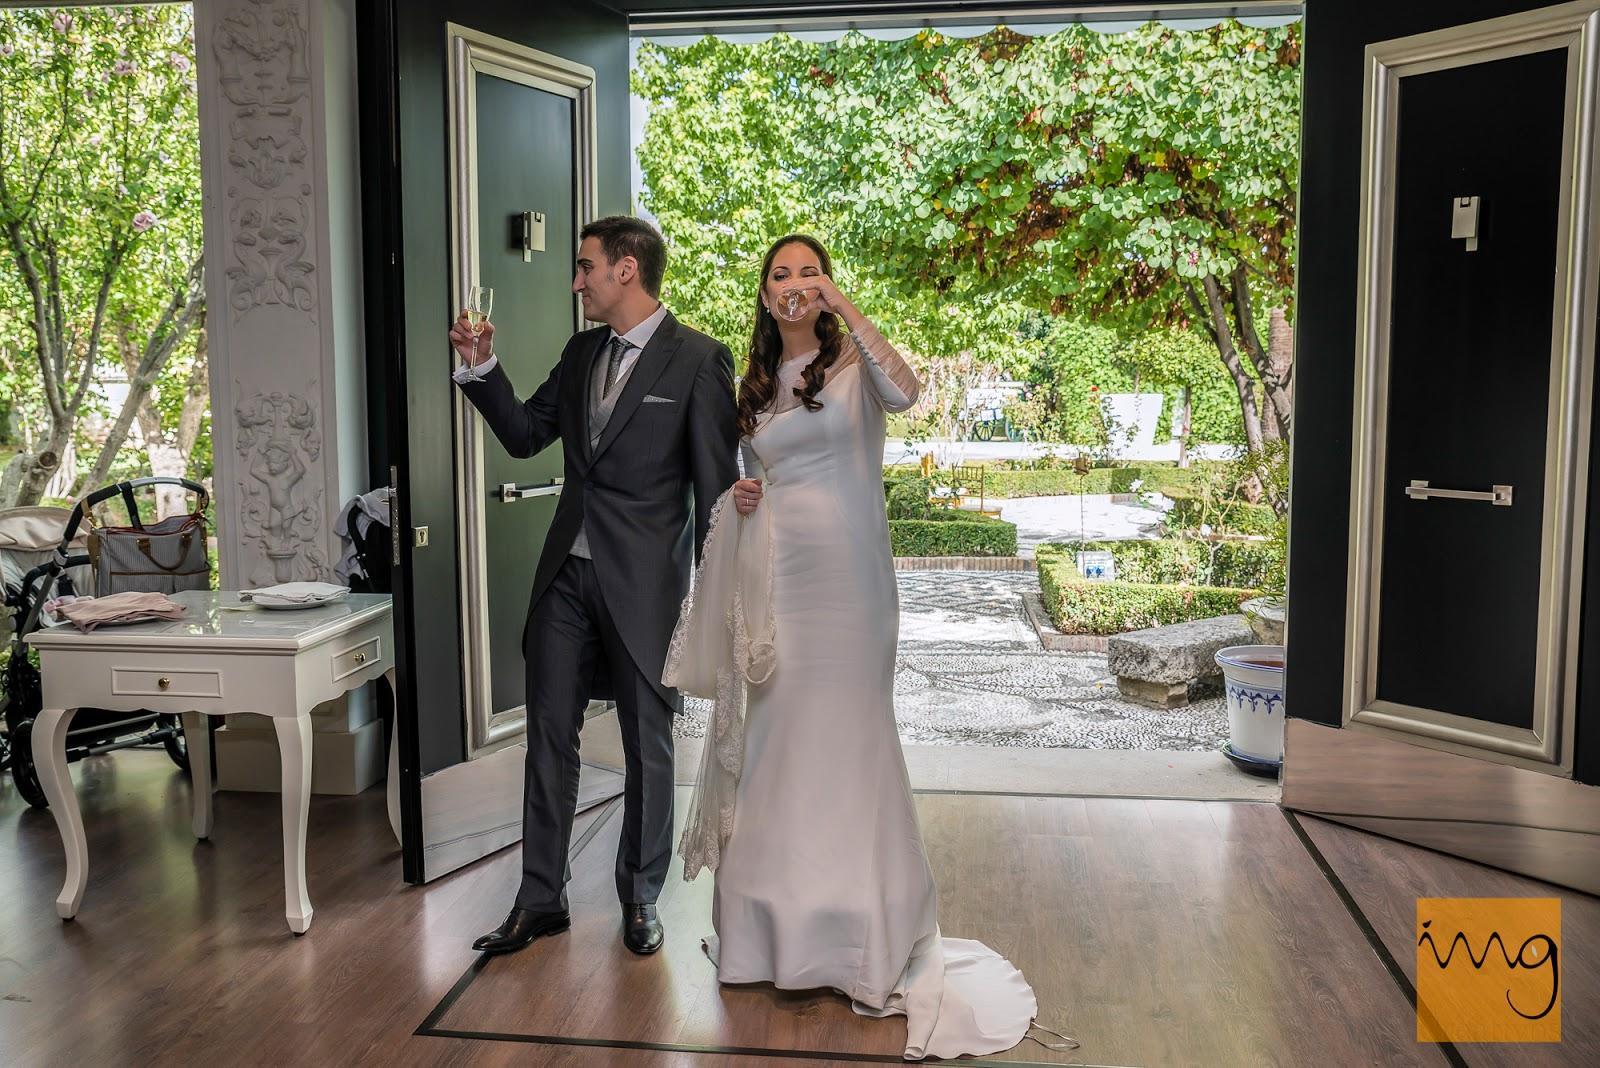 Fotografía de boda en Granada, El brindis